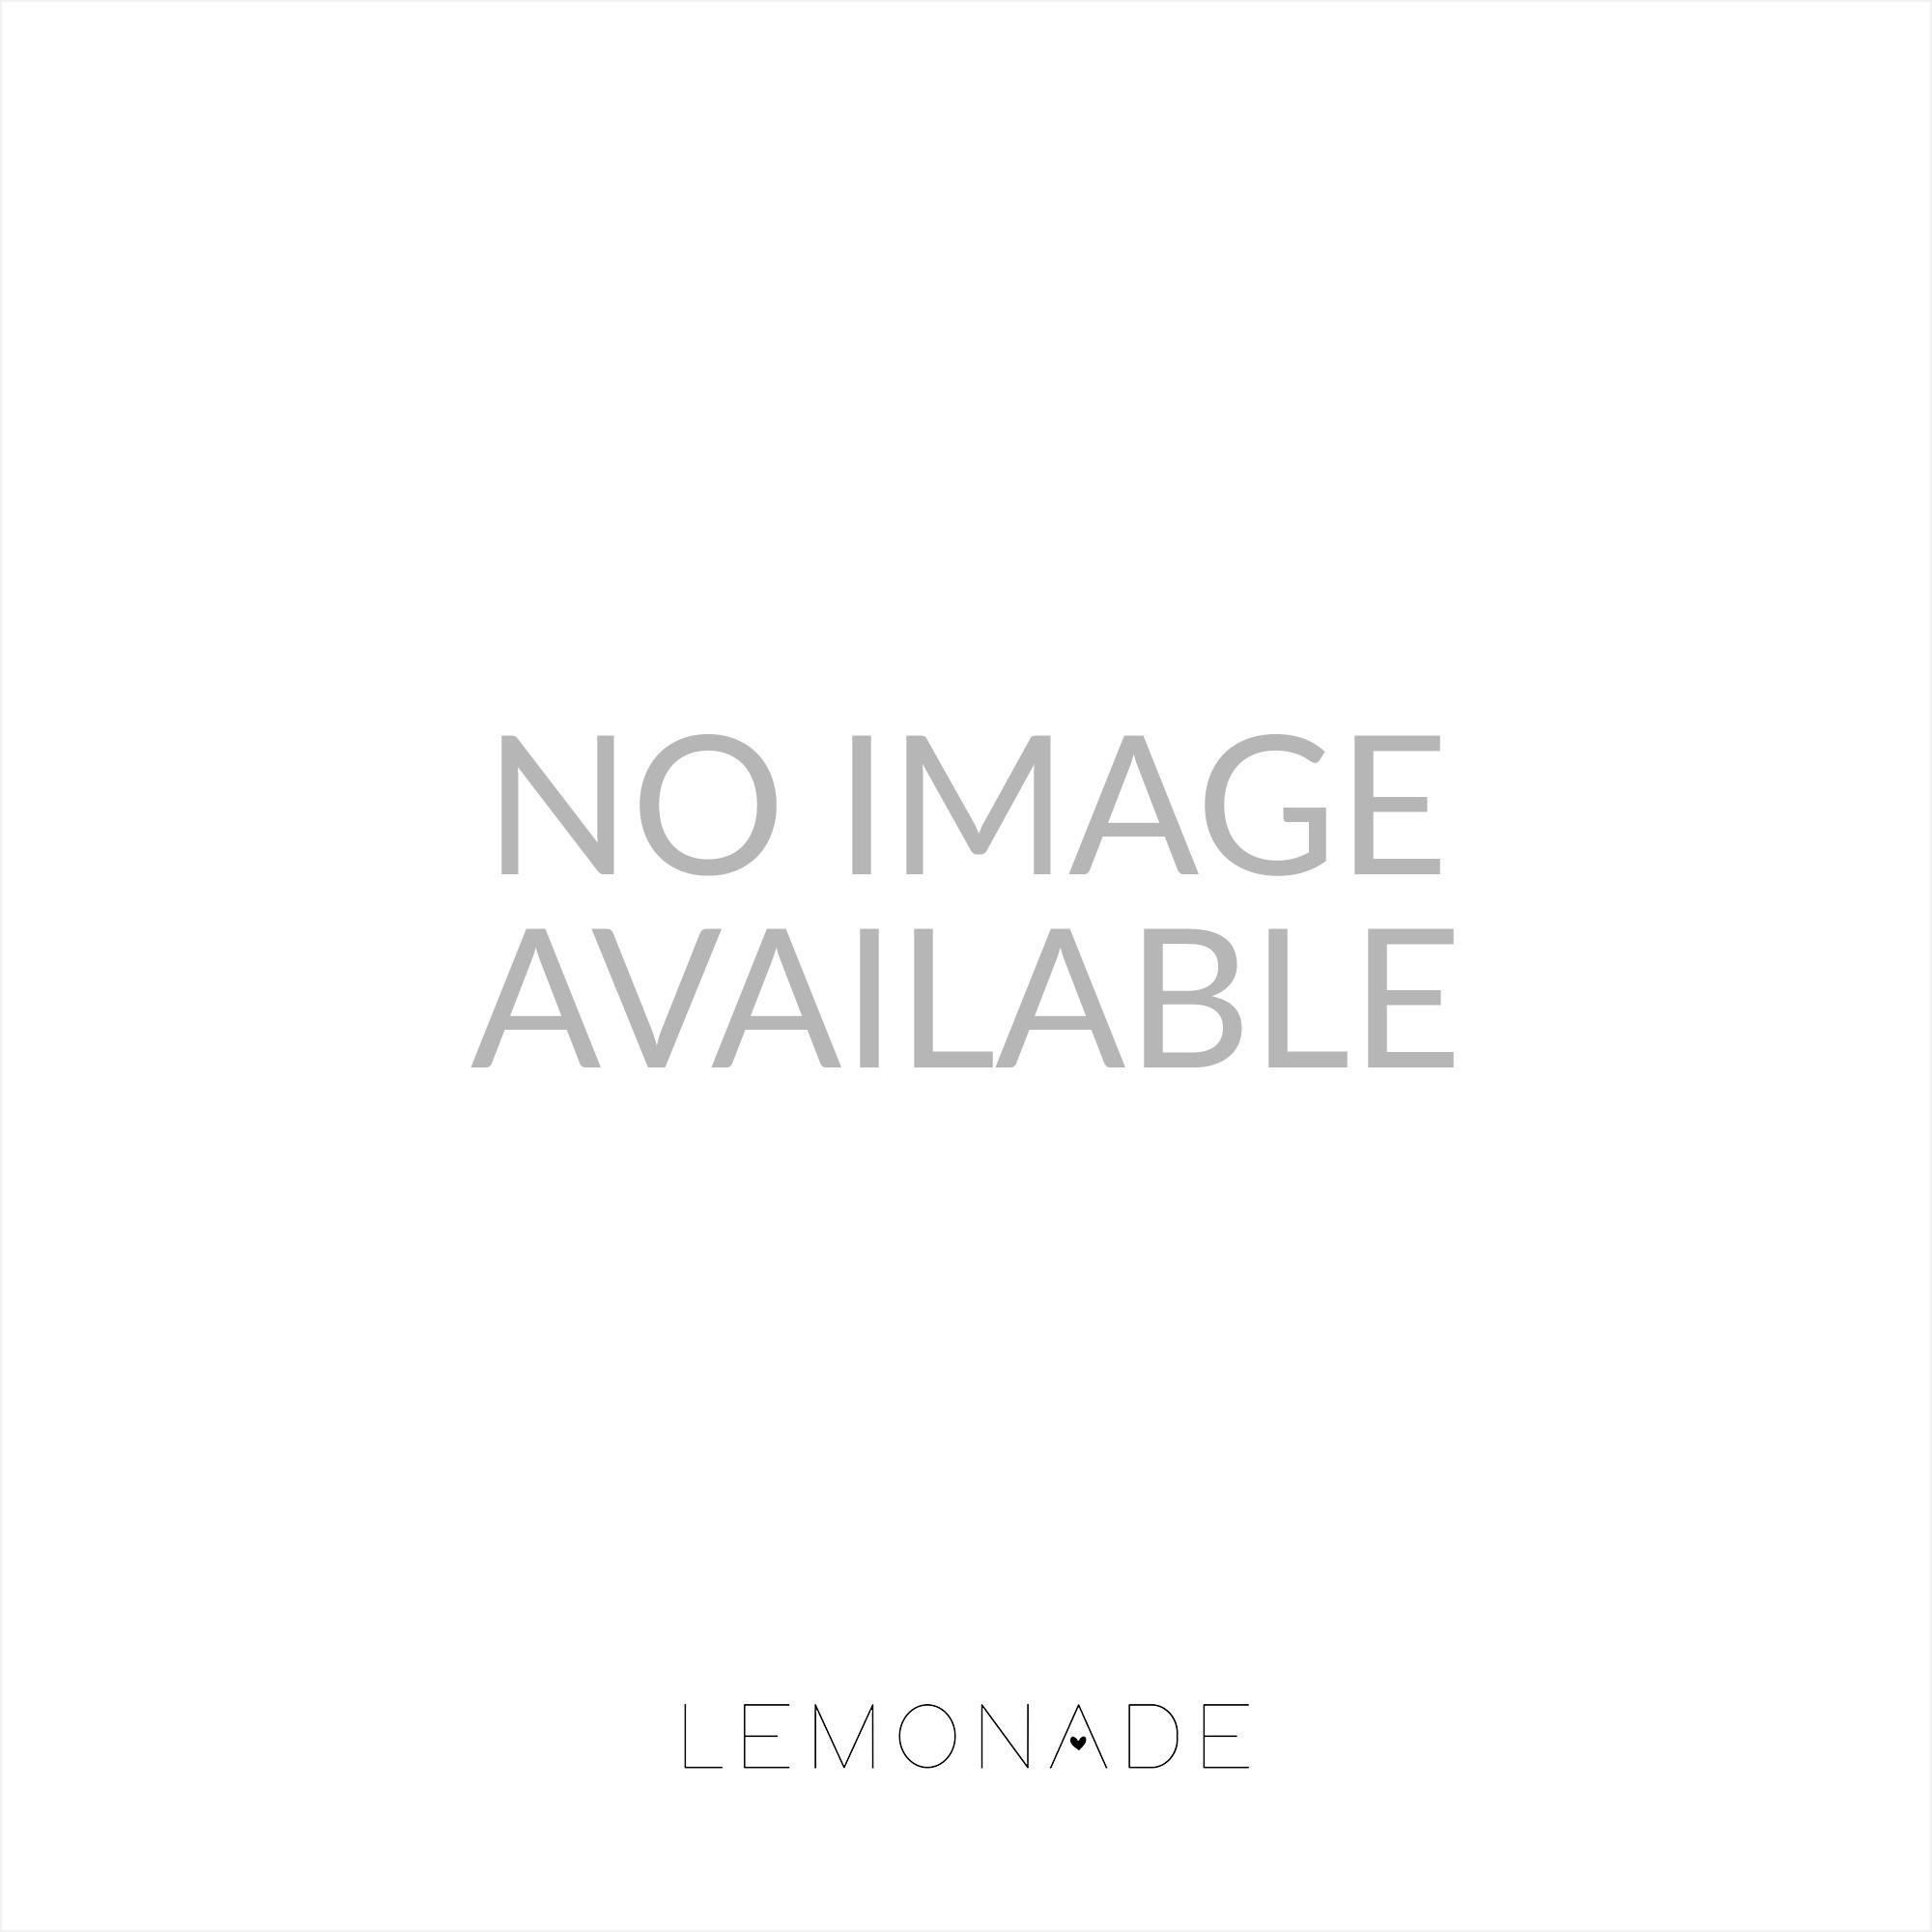 334960ec5b8c Lemonade Swarovski Crystal Jelly Bow Flip Flop Rose Gold - SHOP ...